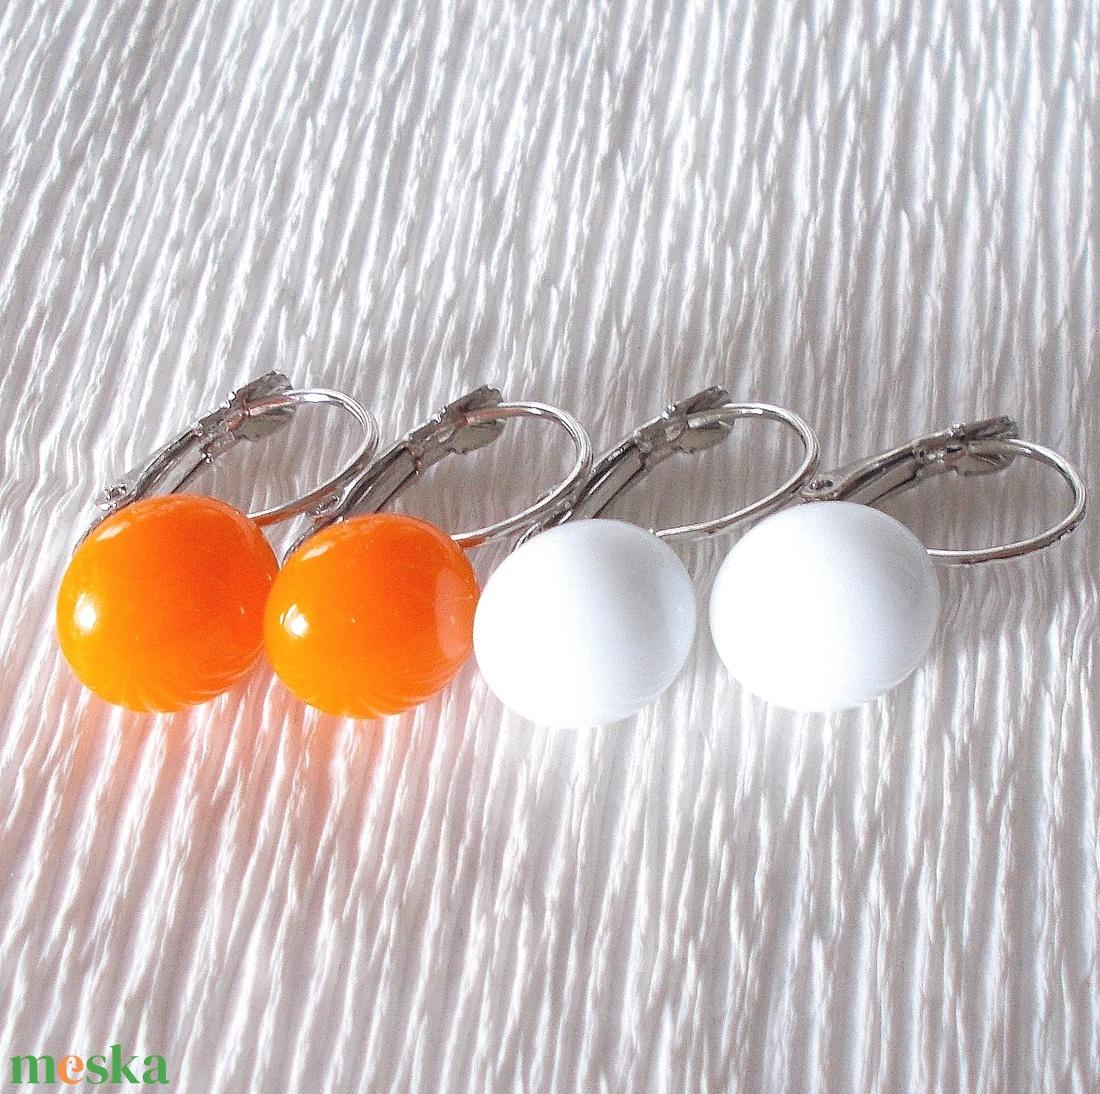 AKCIÓ! Színes fülbevalók, ajándék nőknek névnapra, születésnapra.  - ékszer - fülbevaló - lógó csepp fülbevaló - Meska.hu